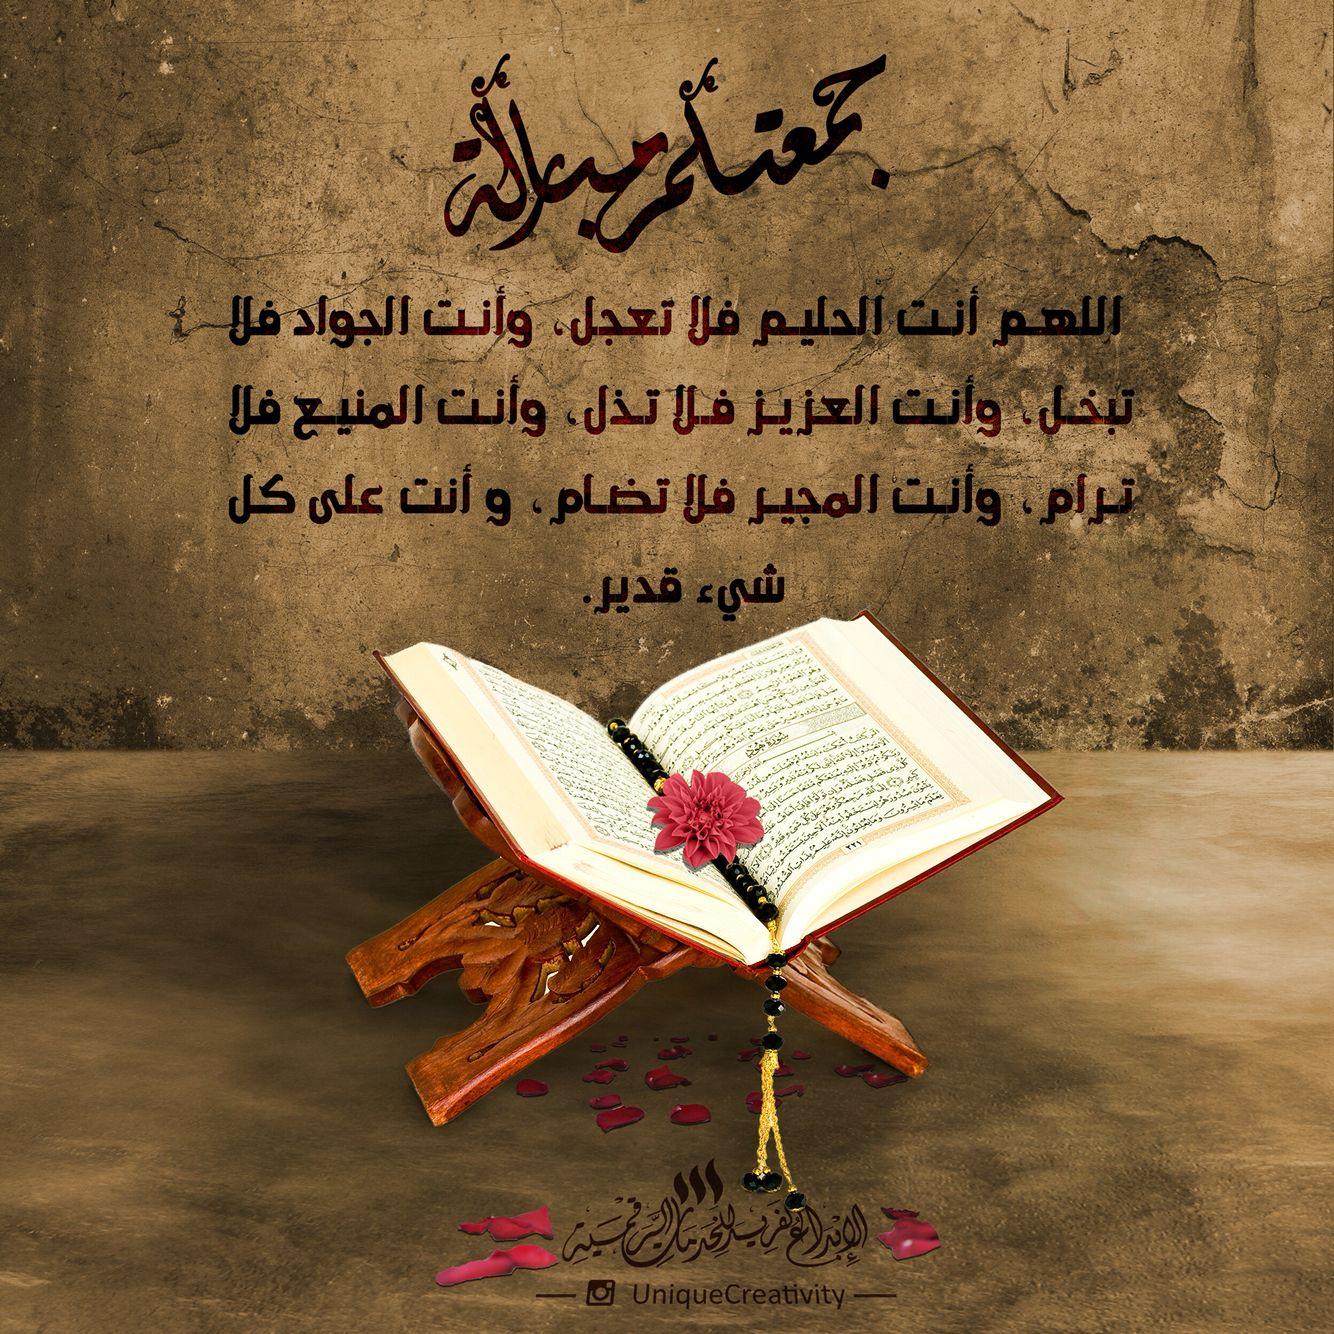 جمعة مباركة صباح الخير جمعة جمعة مباركة جمعة طيبة تصاميم المبدعين رمزيات اسلامية ناشر الخير تصا Romantic Love Quotes Romantic Love Love Quotes